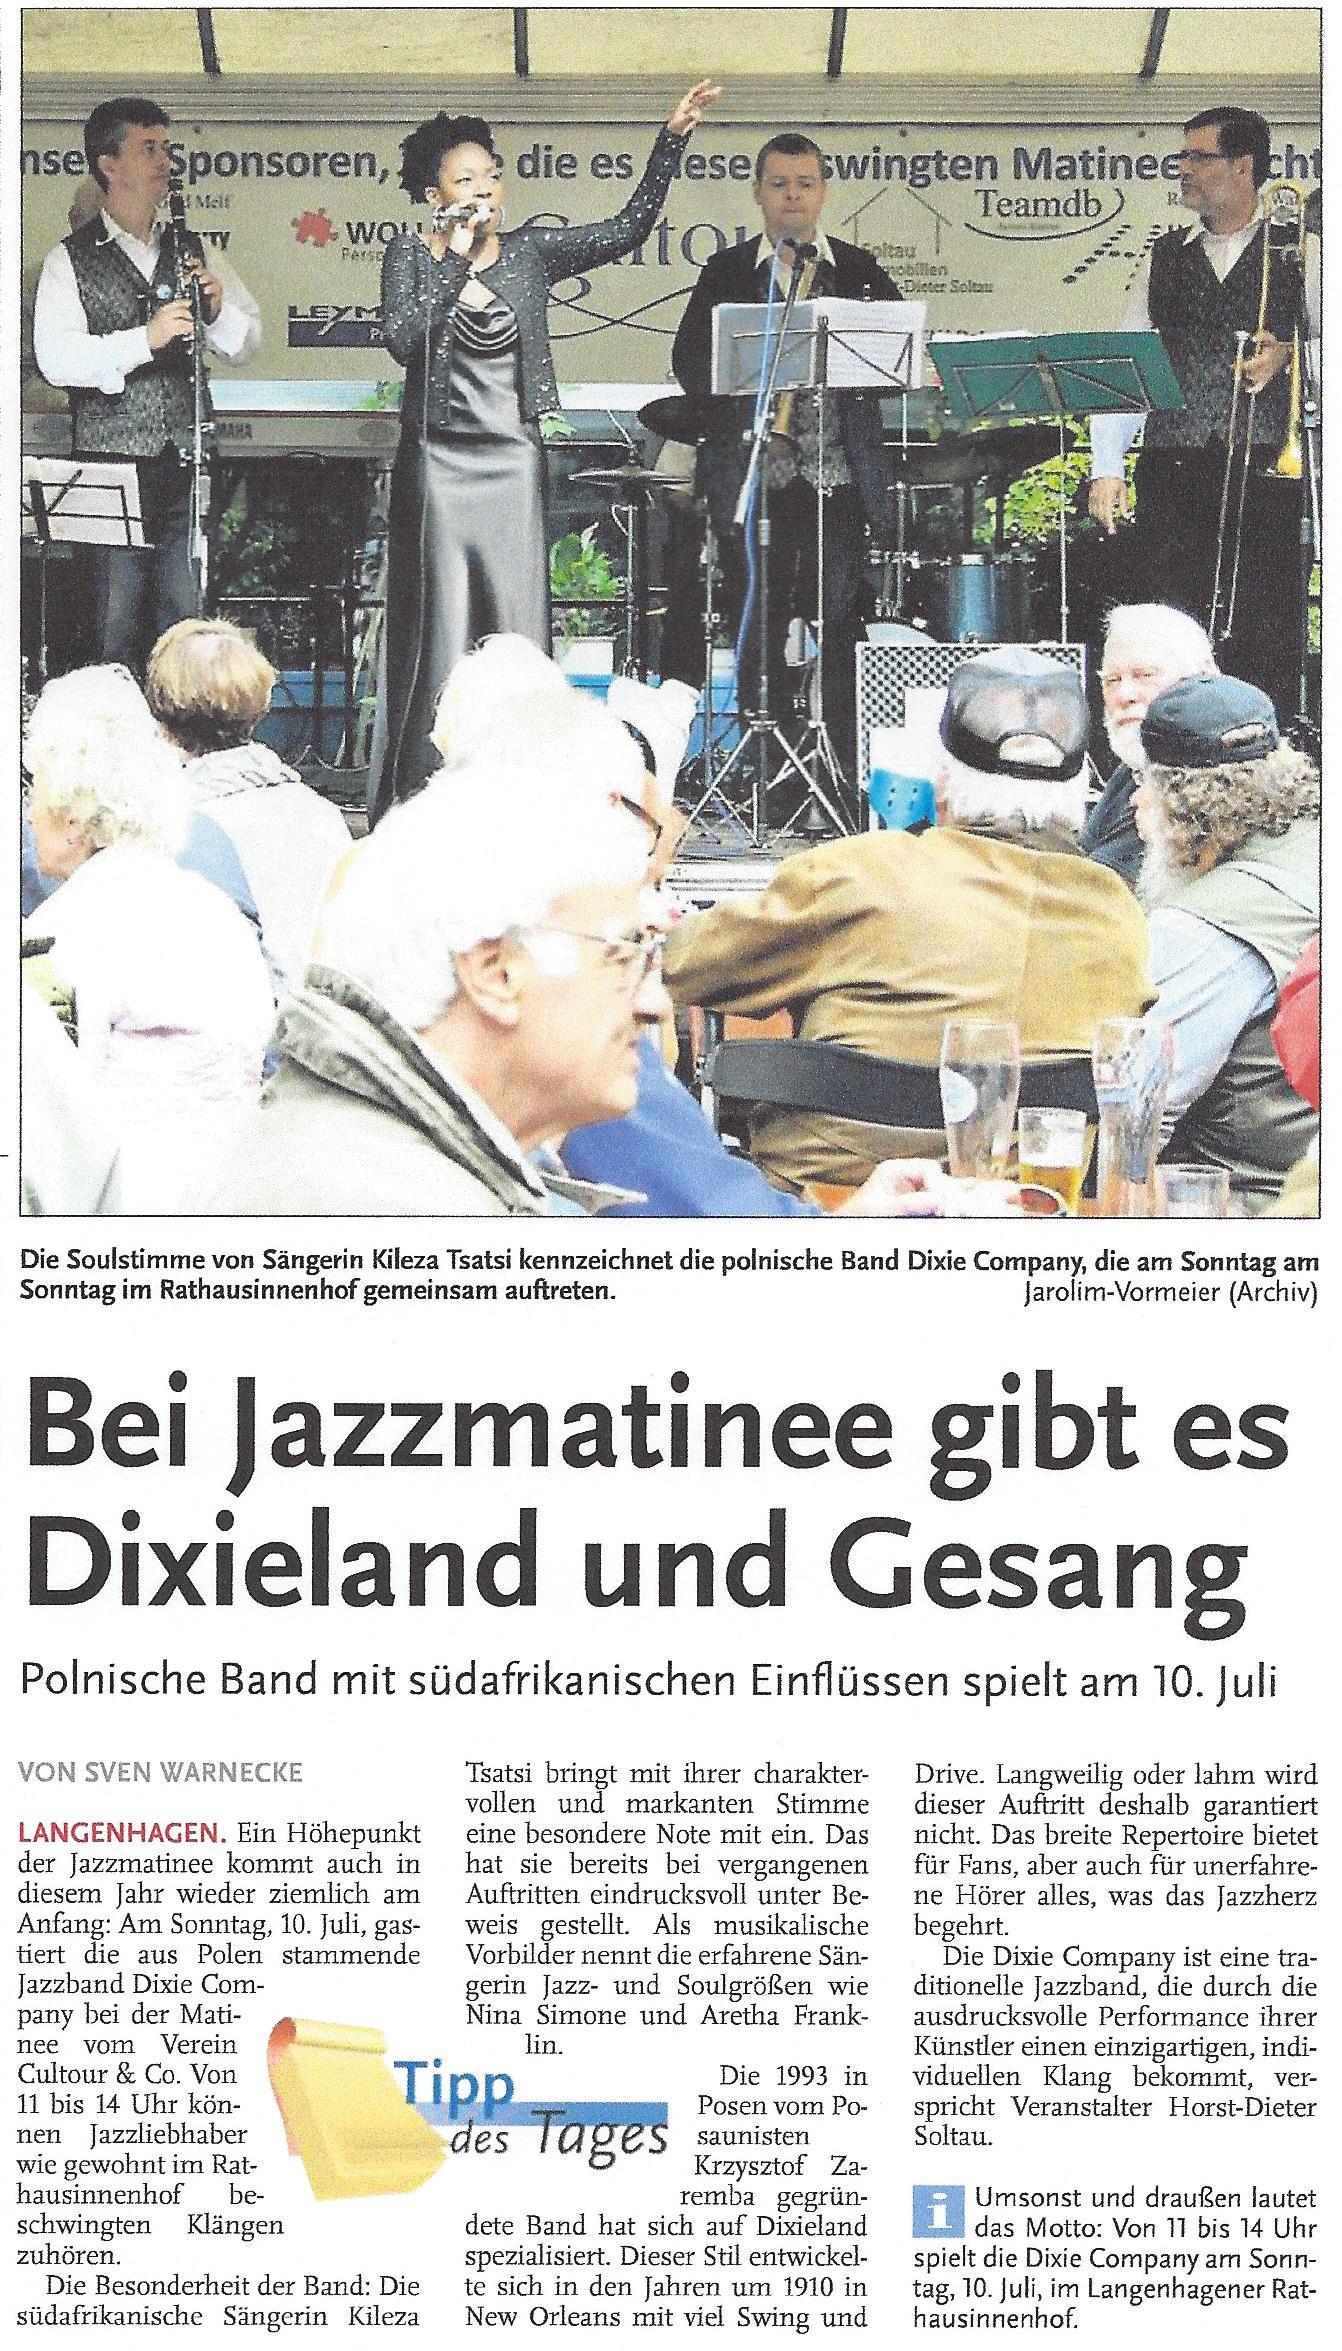 Bei Jazzmatinee gibt es Dixieland und Gesang